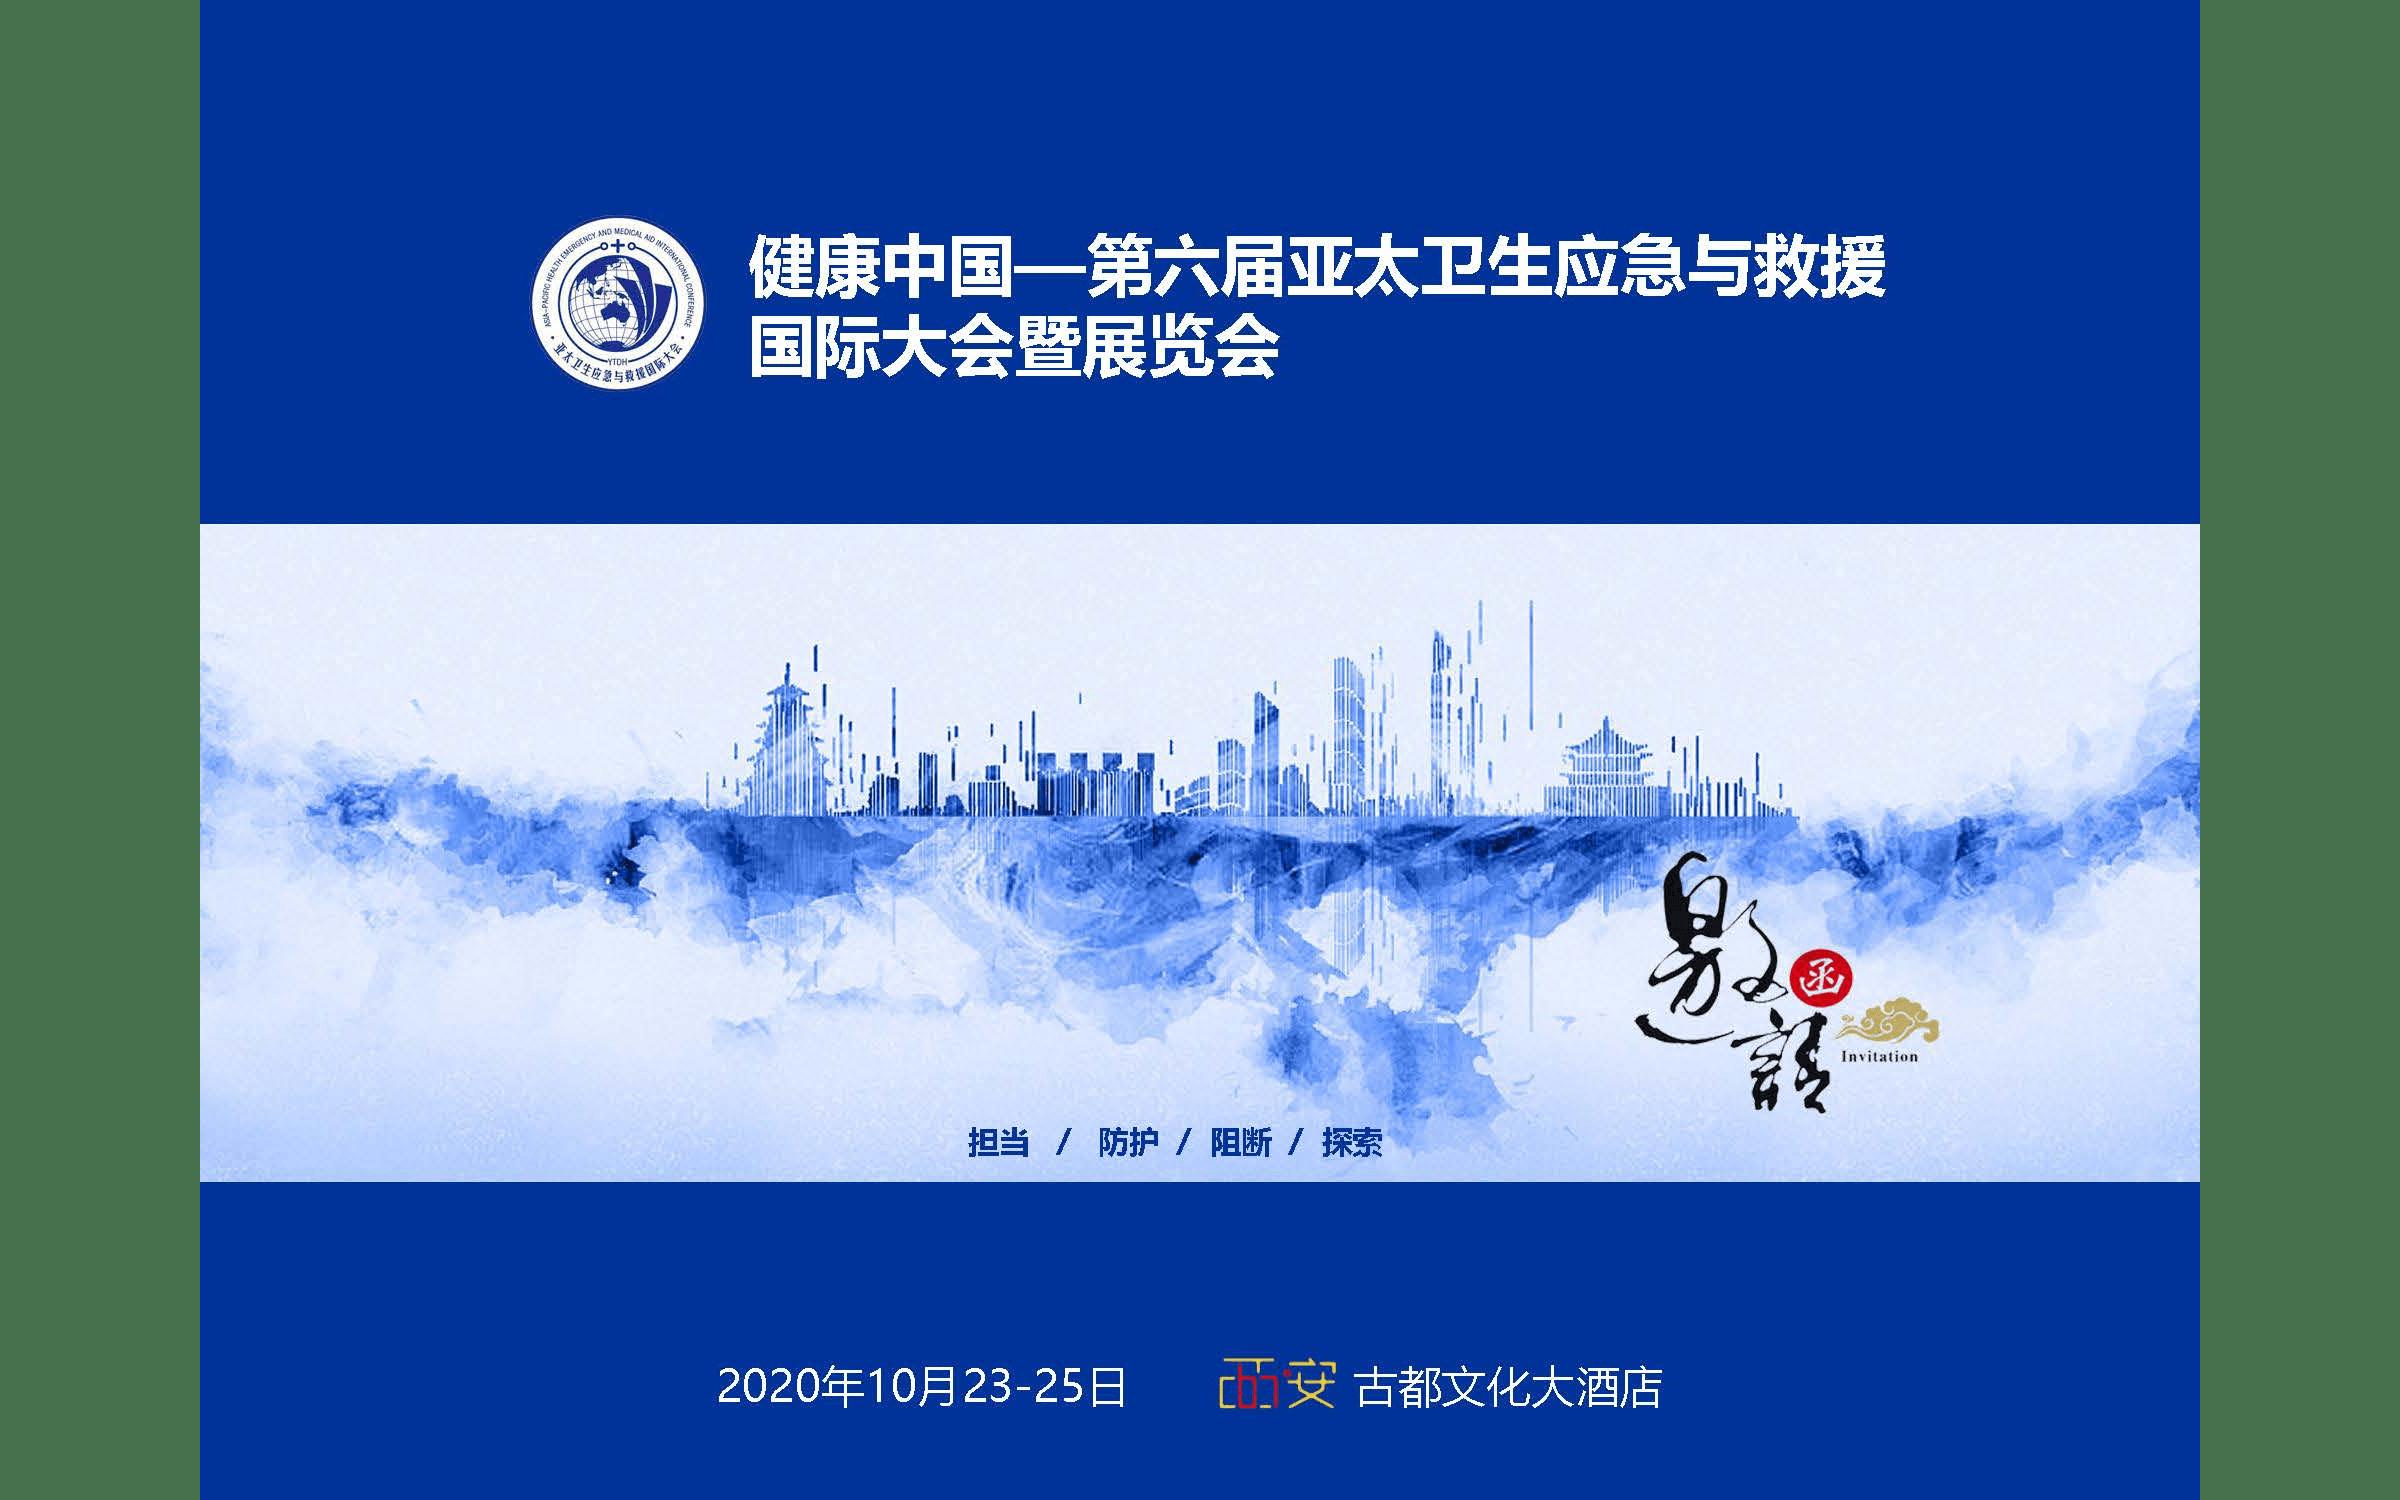 健康中国——第六届亚太卫生应急与救援国际大会